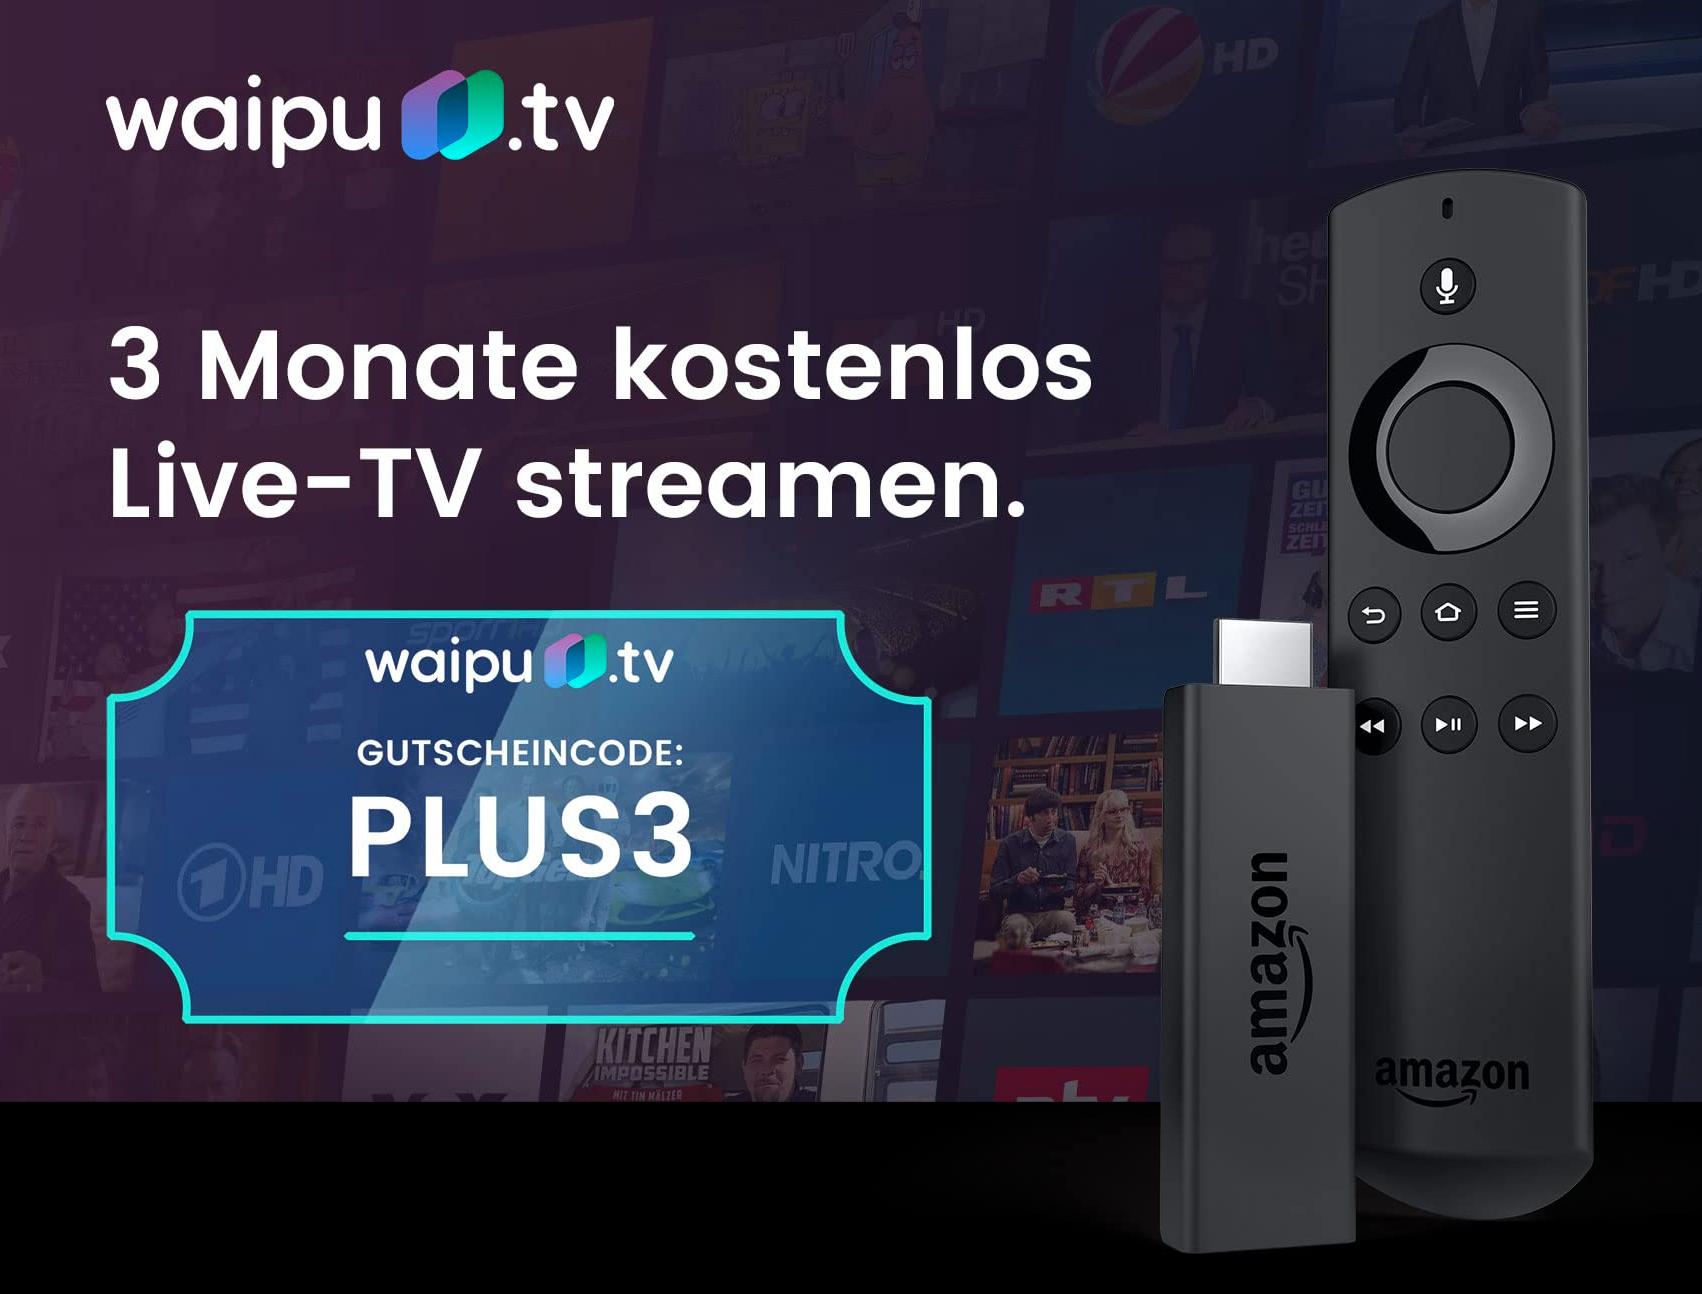 waipu.tv 3 Monate kostenlos für Amazon FireTV-Nutzer [Neukunden]